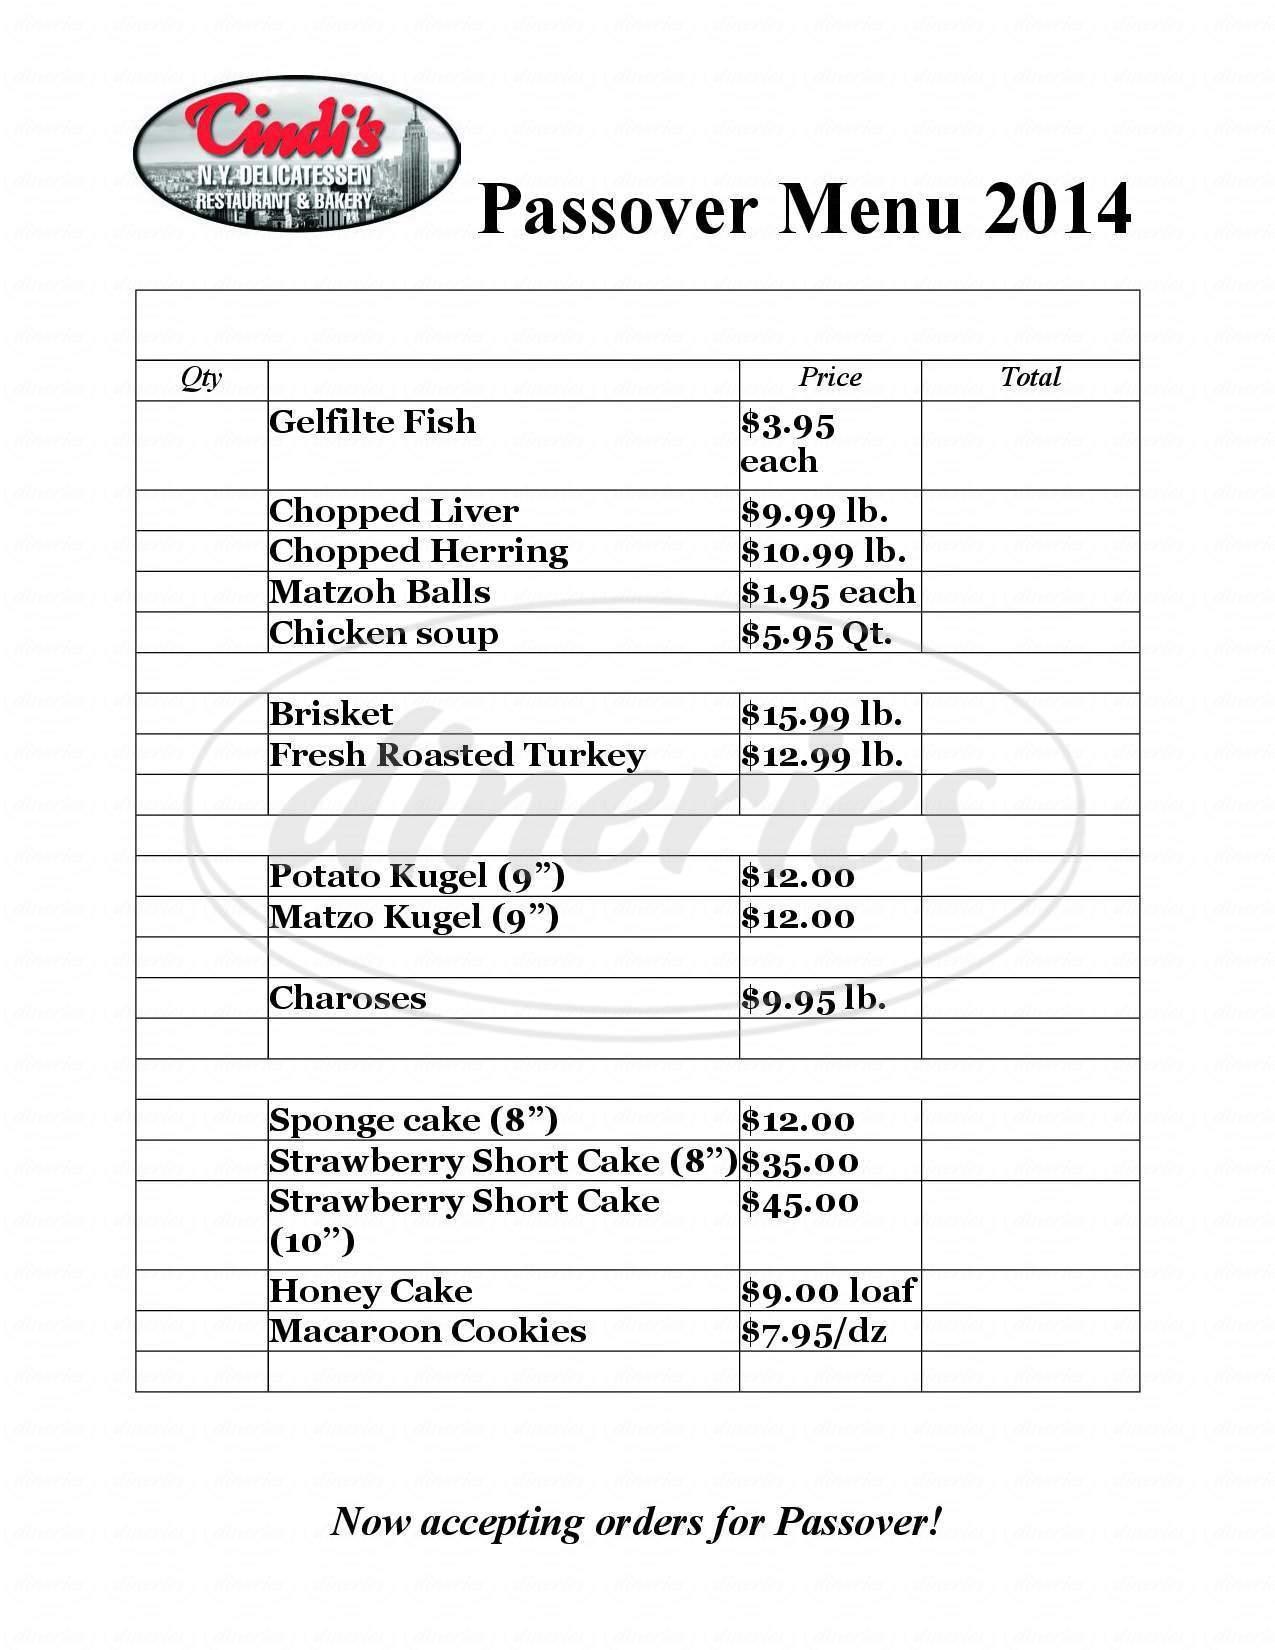 menu for Cindi's NY Delicatessen Restaurant & Bakery